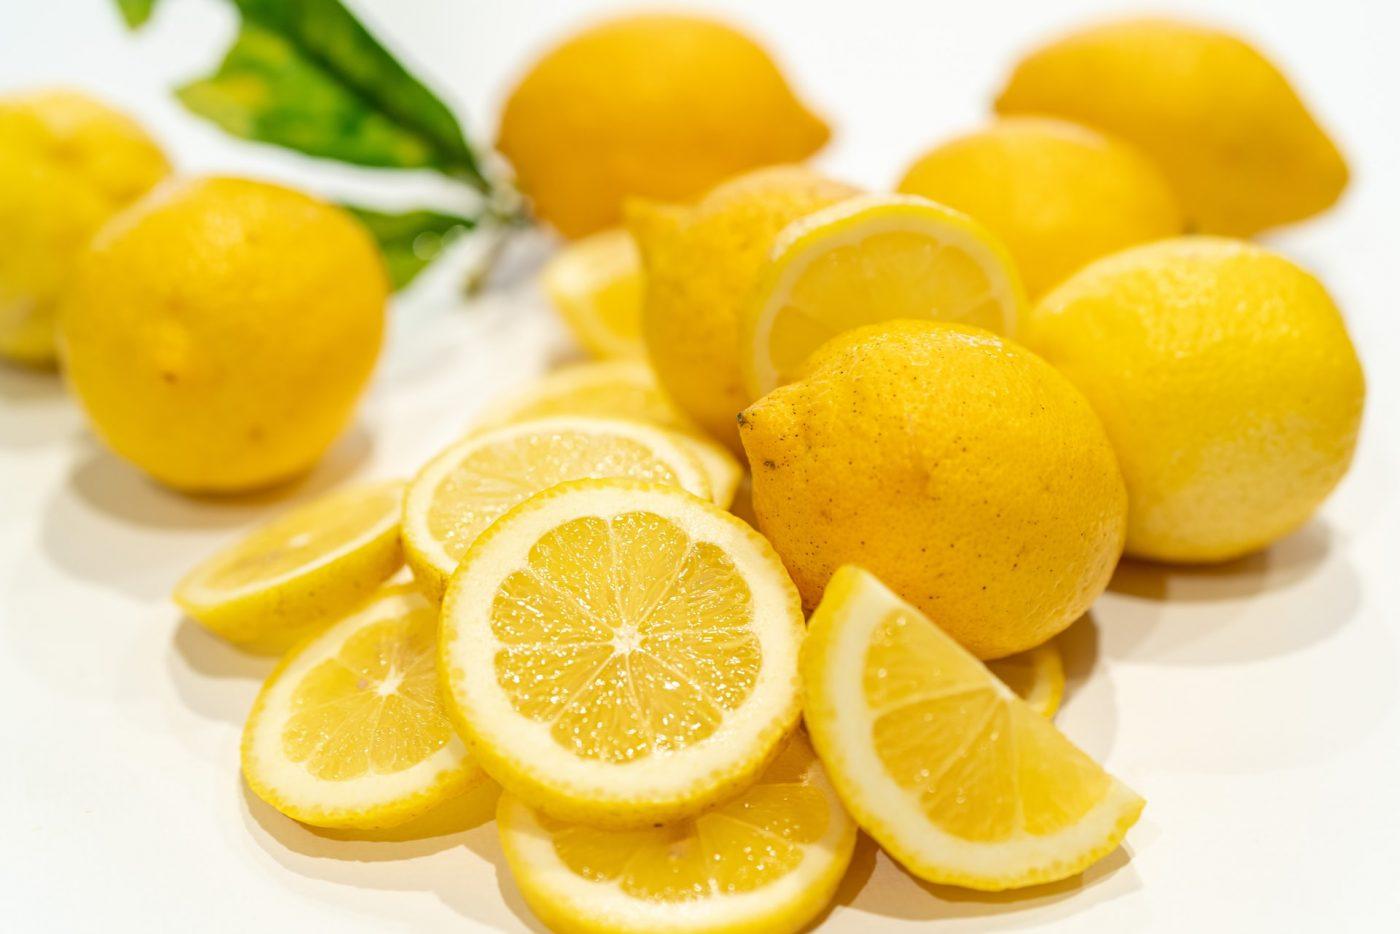 Limun za zdravlje: Ljekovita svojstva koja svi trebaju znati